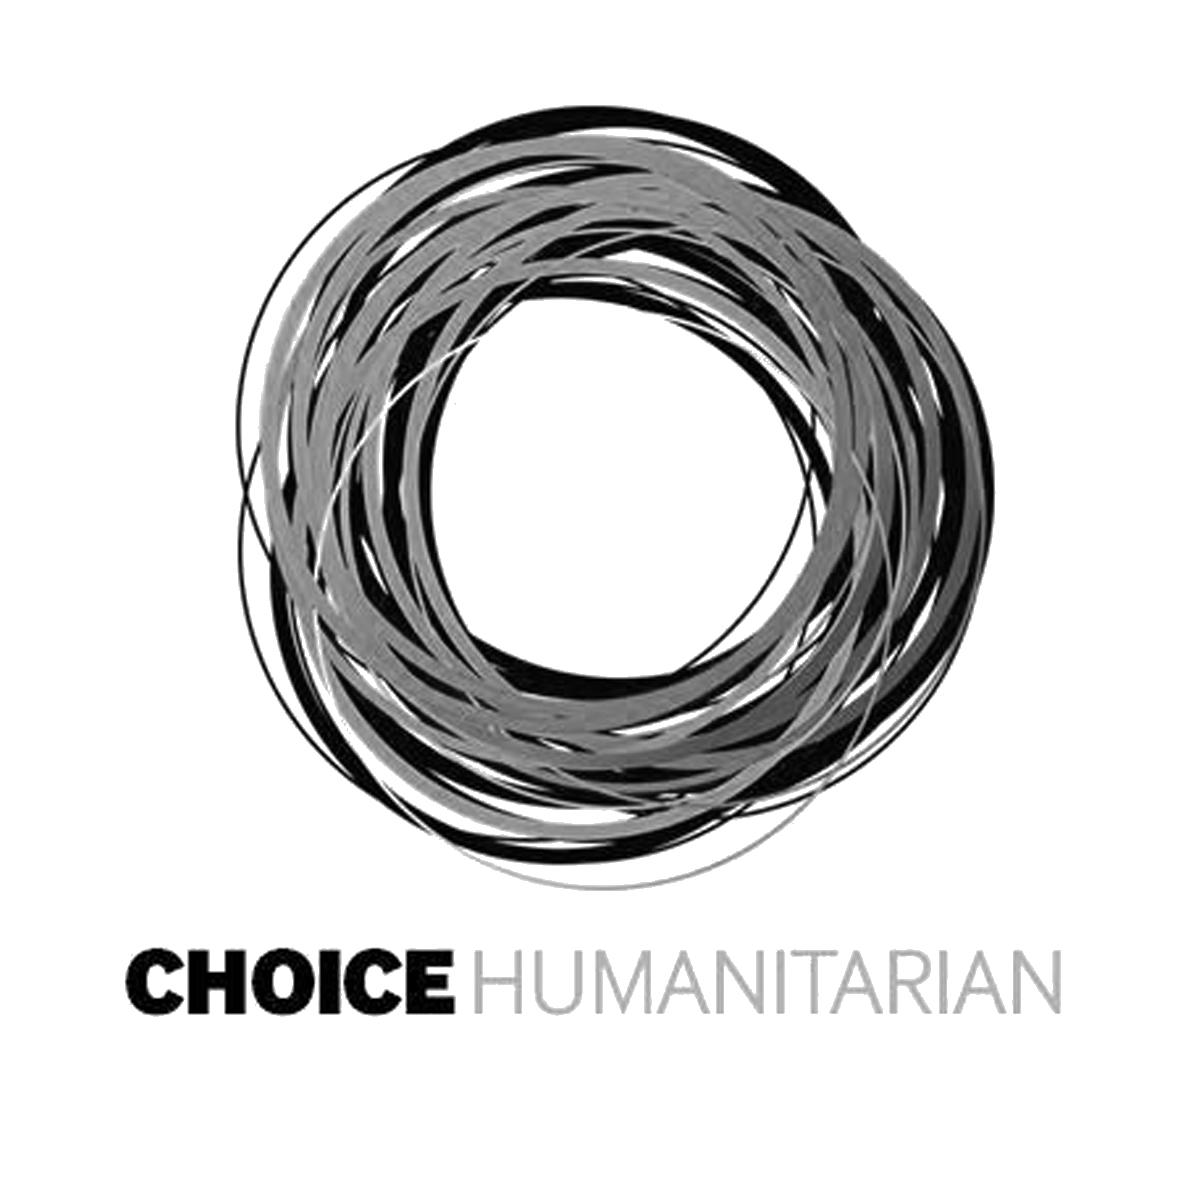 choicehumanitarian.png